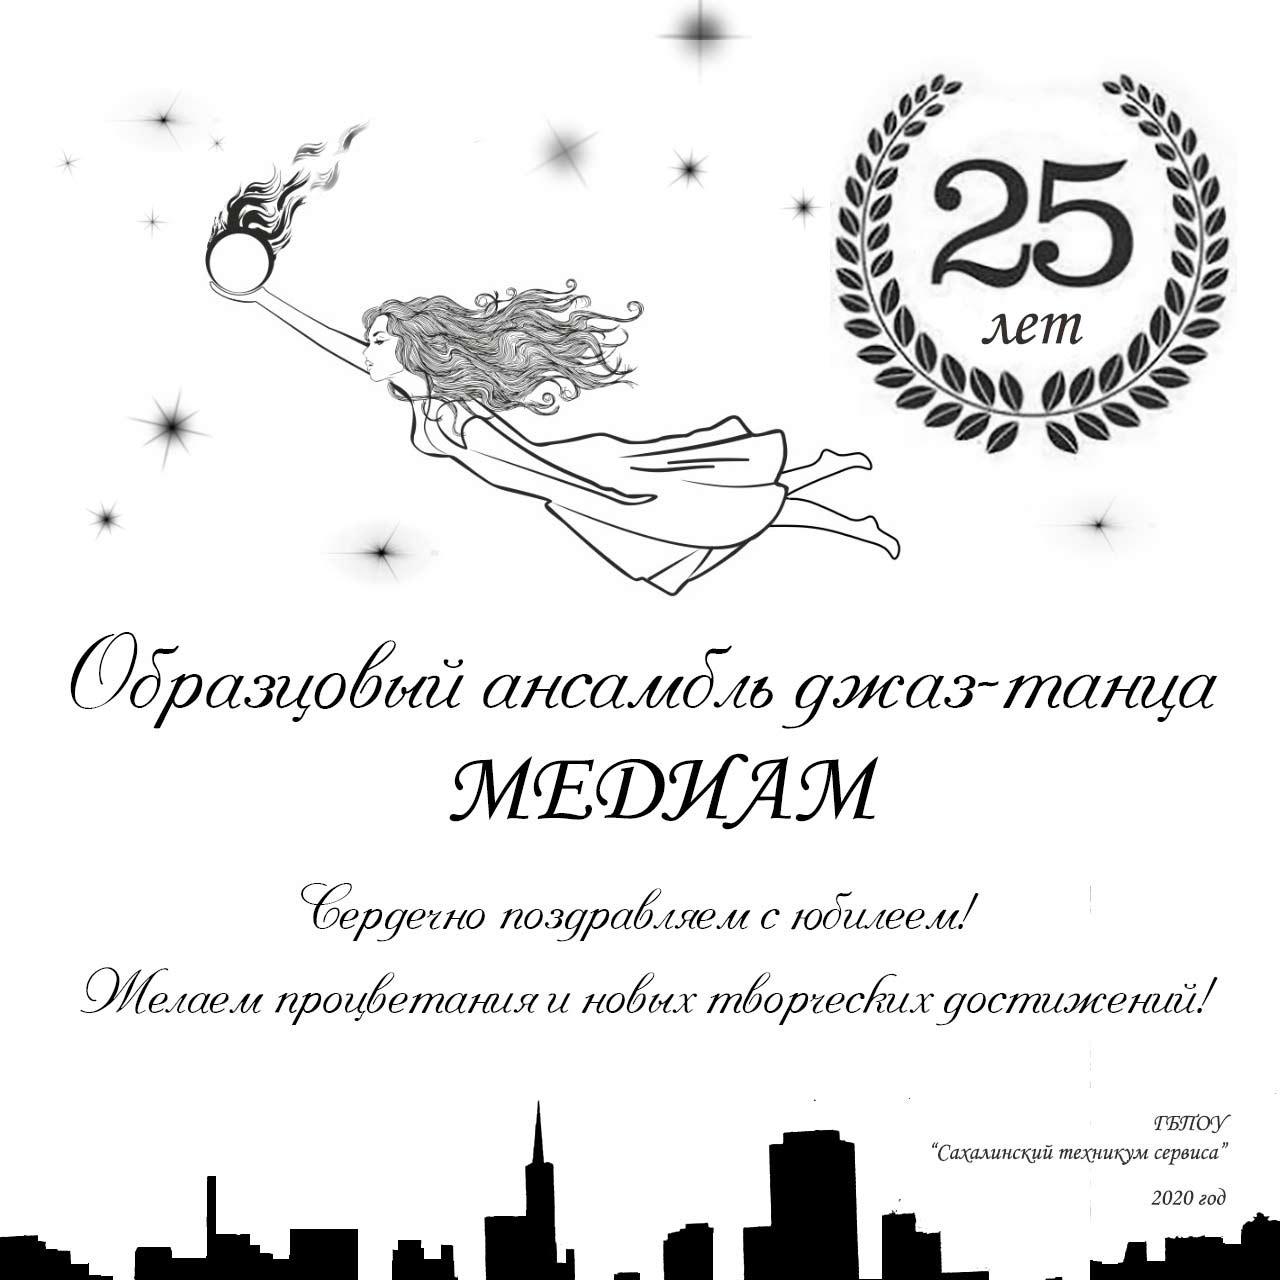 МЕДИАМ — НАМ 25 ЛЕТ!!!